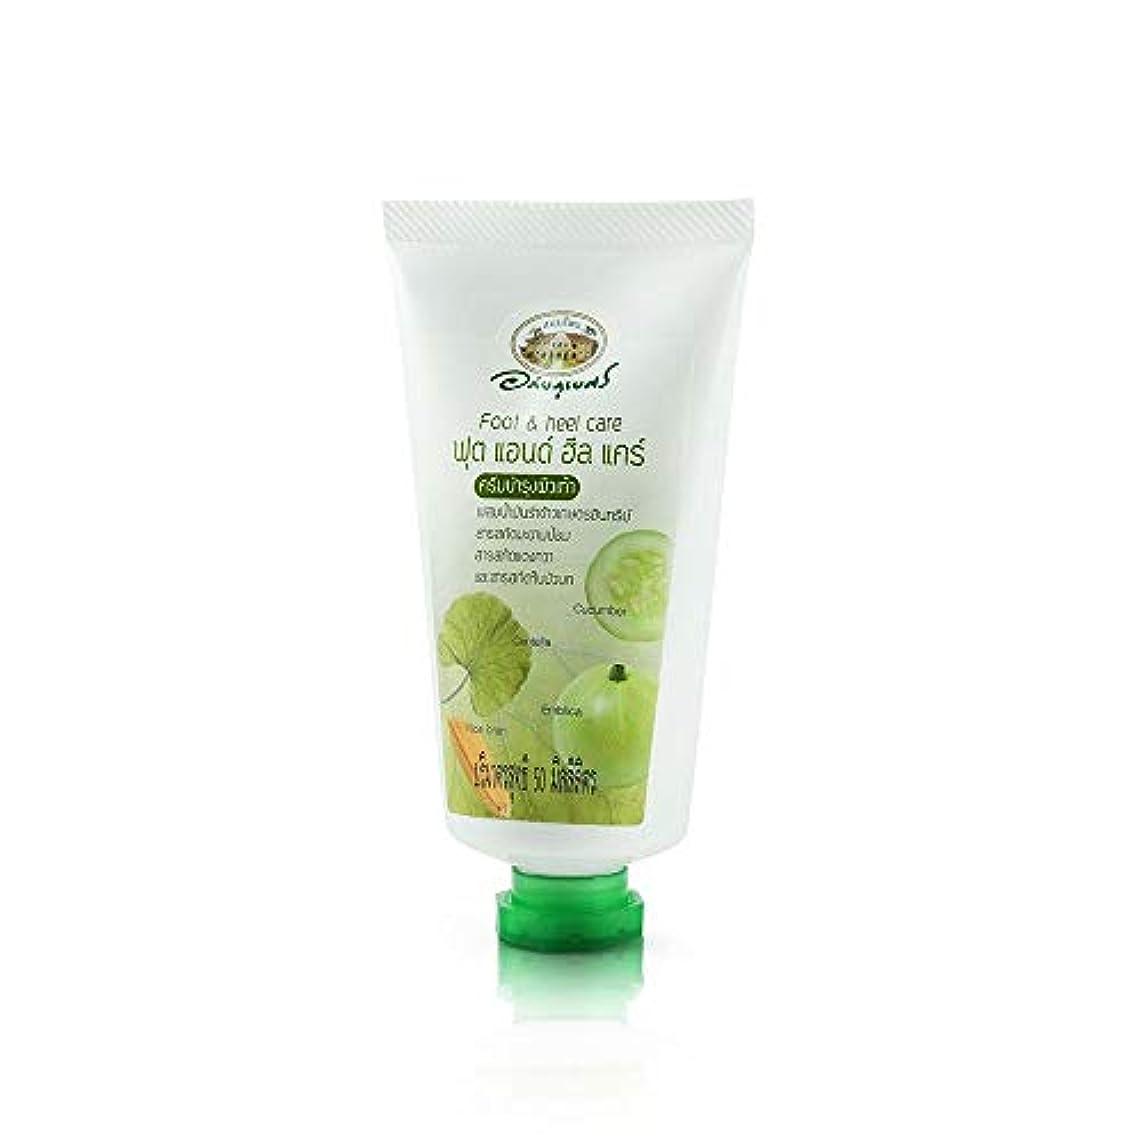 ブレンド専門知識人柄Abhaibhubejhr Cucumber Rice Bran Oil Centella Foot And Heel Care Cream 50ml. Abhaibhubejhrキュウリ米ぬか油Centellaフットアンドヒールケアクリーム50ml。